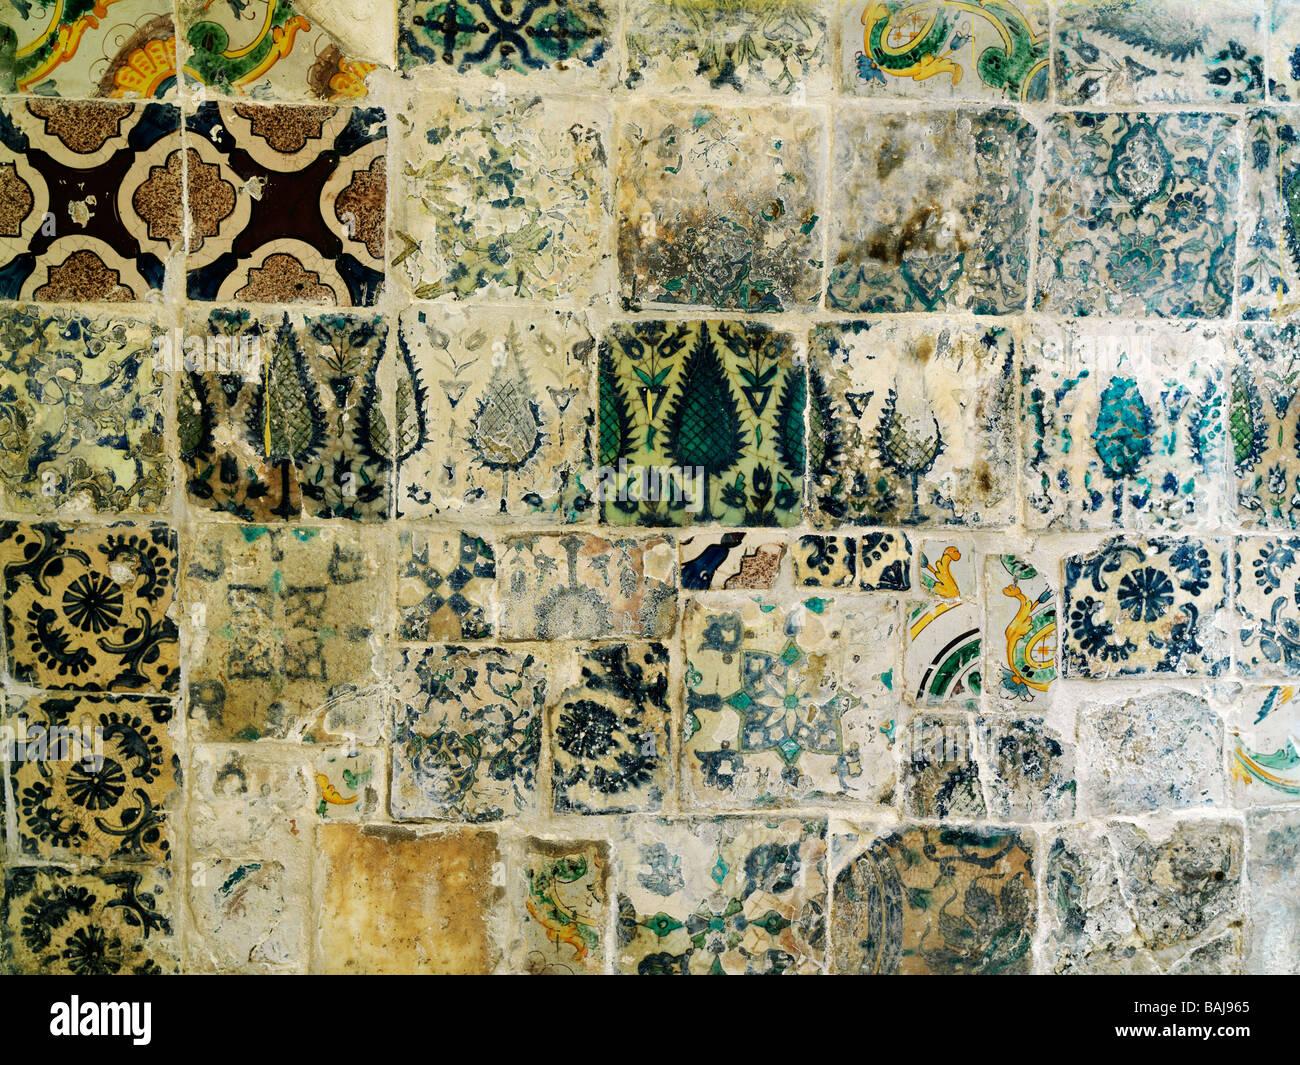 Israel Akko El Basha Bath-House wall tiles - Stock Image